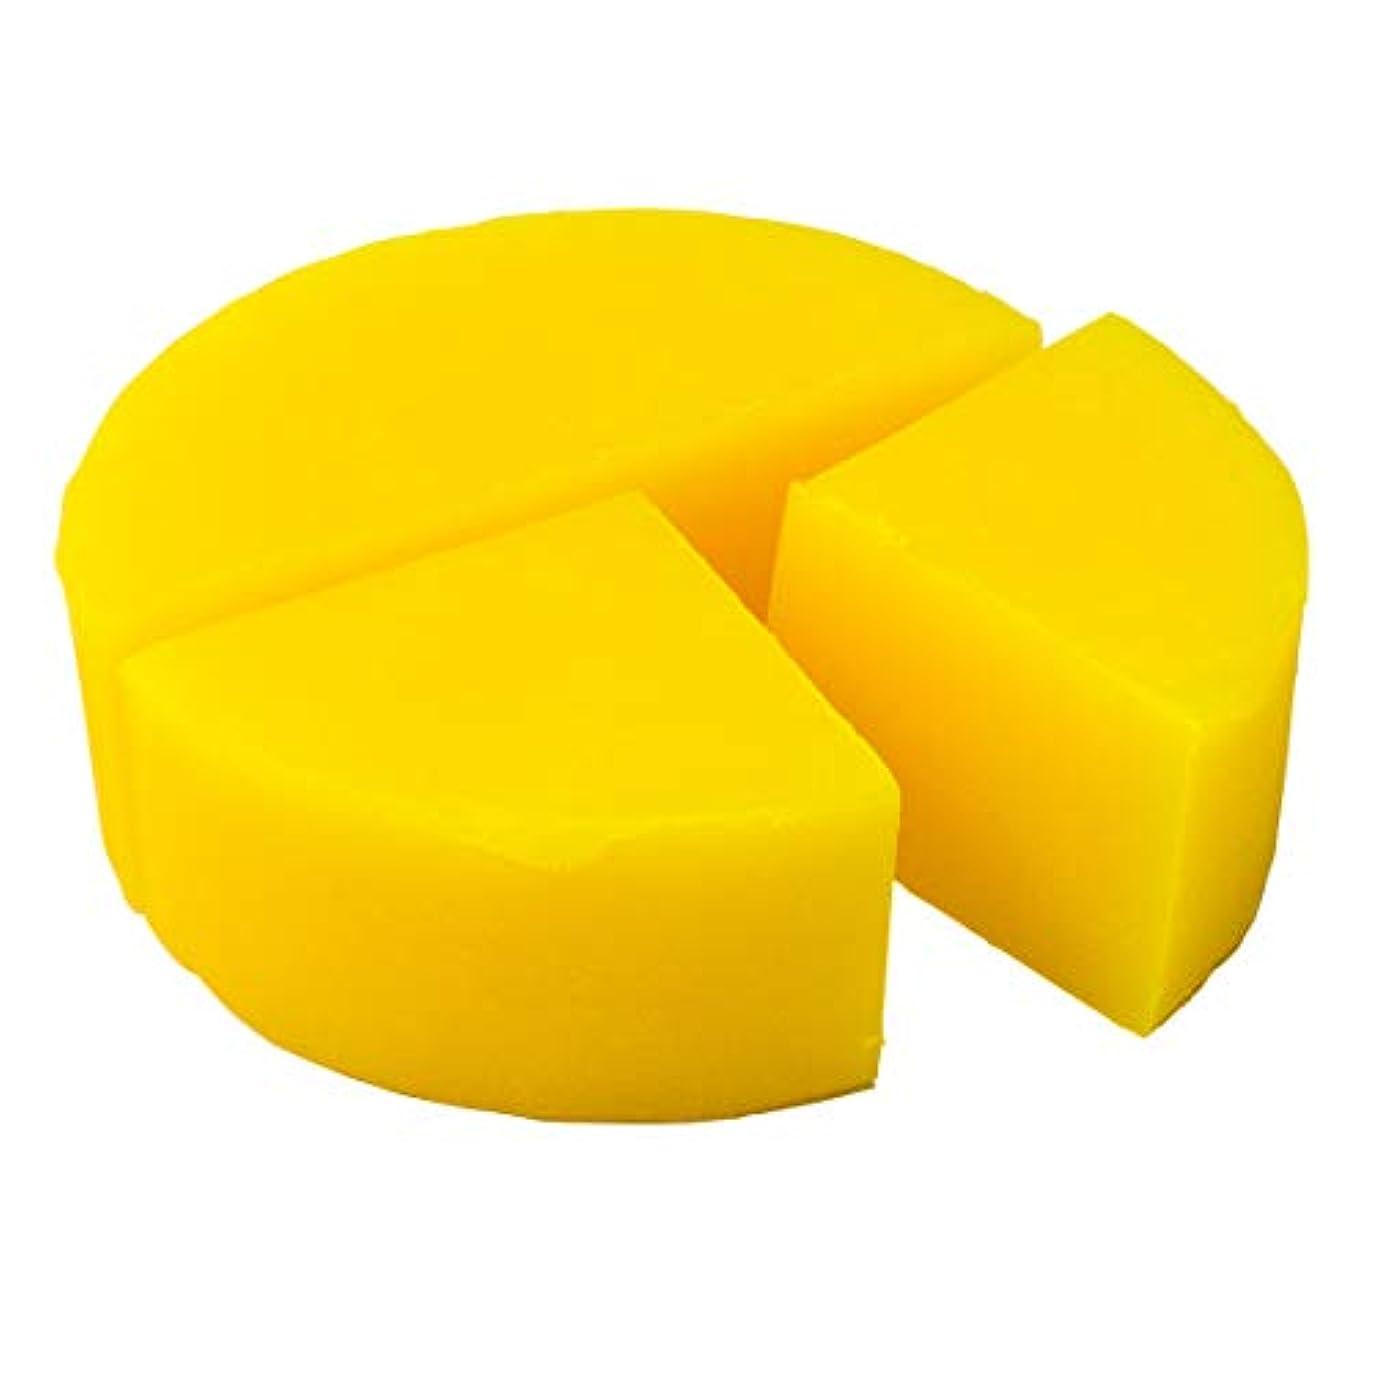 縁石バスタブ式グリセリン クリアソープ 色チップ 黄 100g (MPソープ)